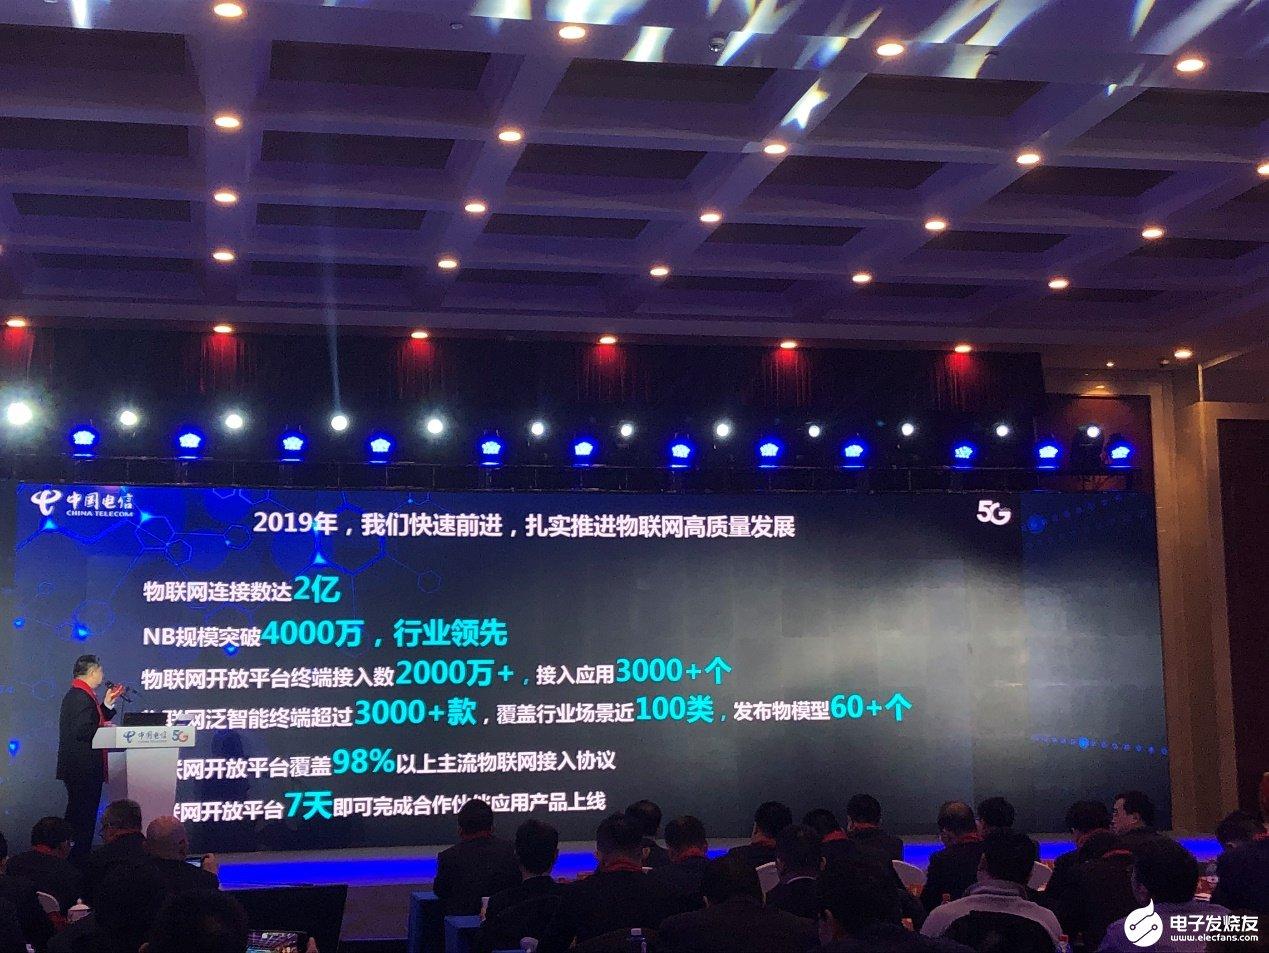 中国电信物联网连接数达到2亿,NB规模突破4000万